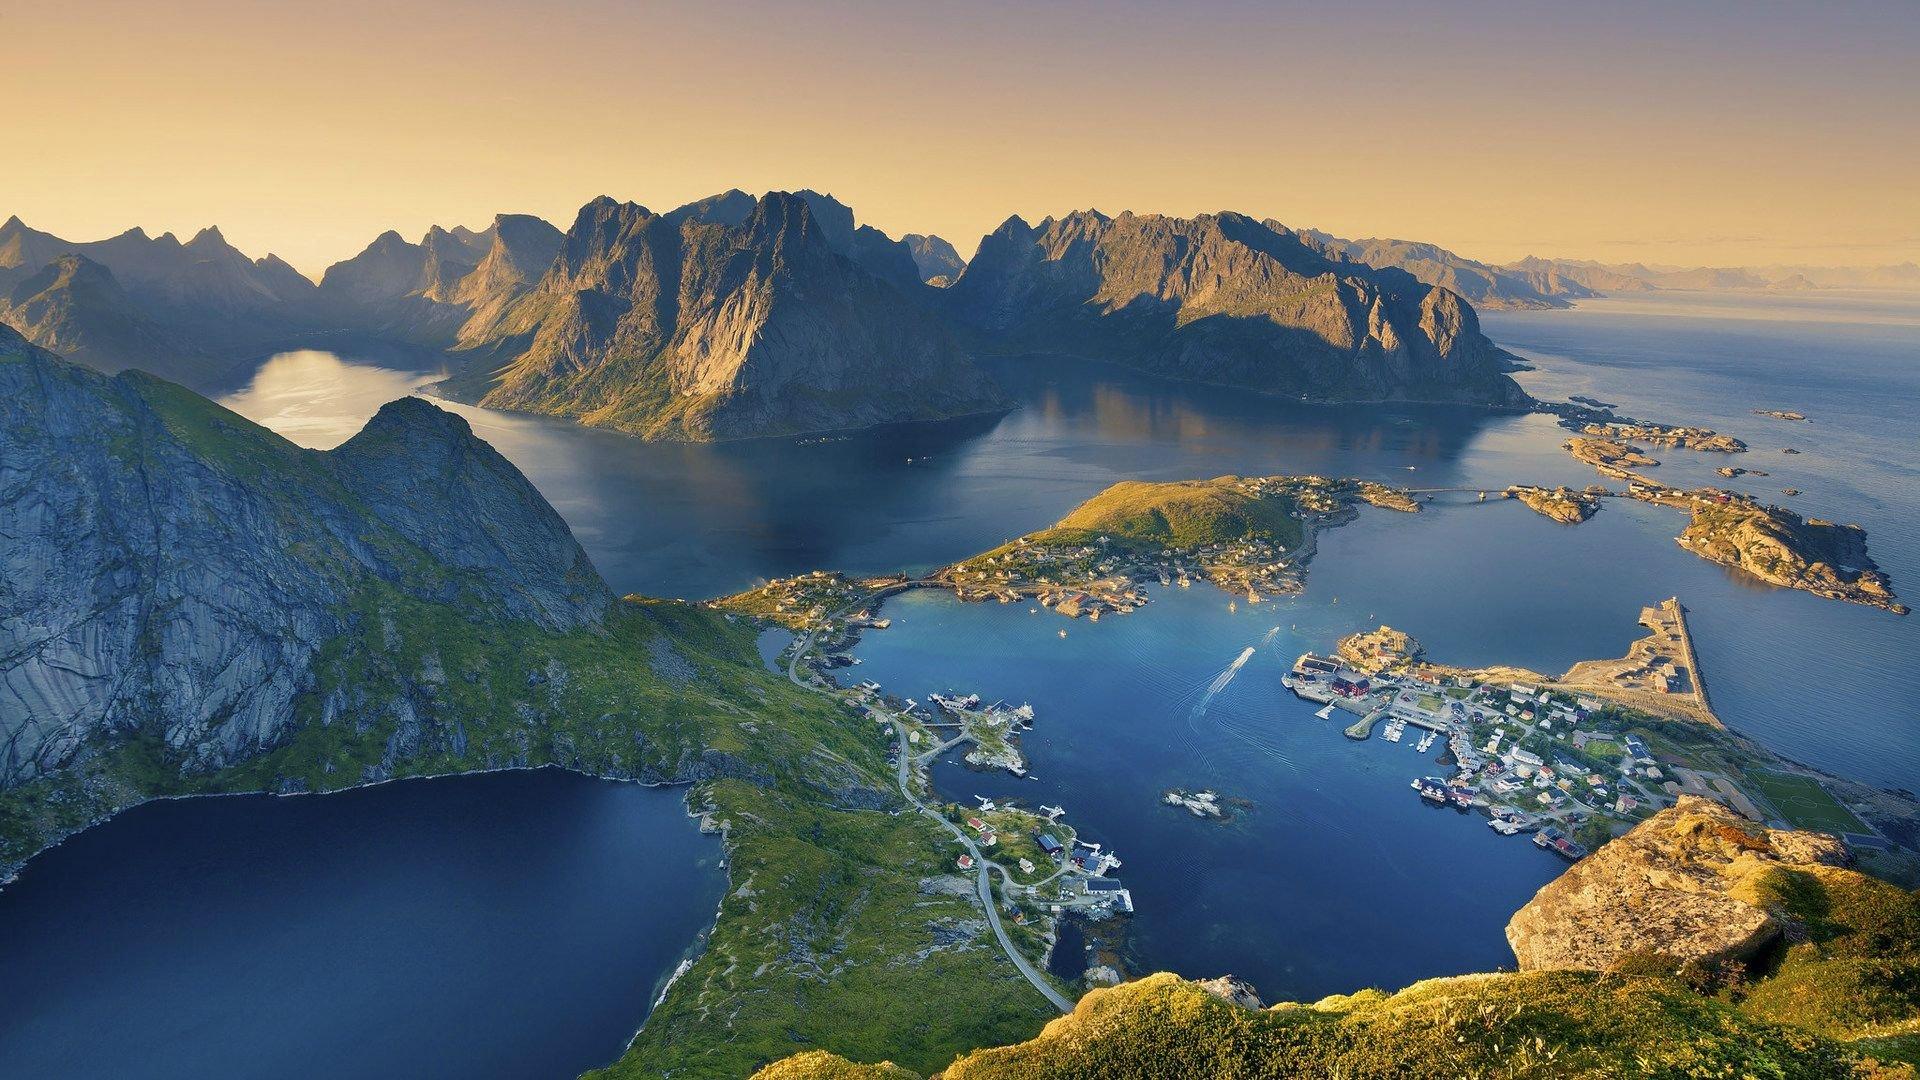 lofoten-islands-norway-wallpaper.jpg